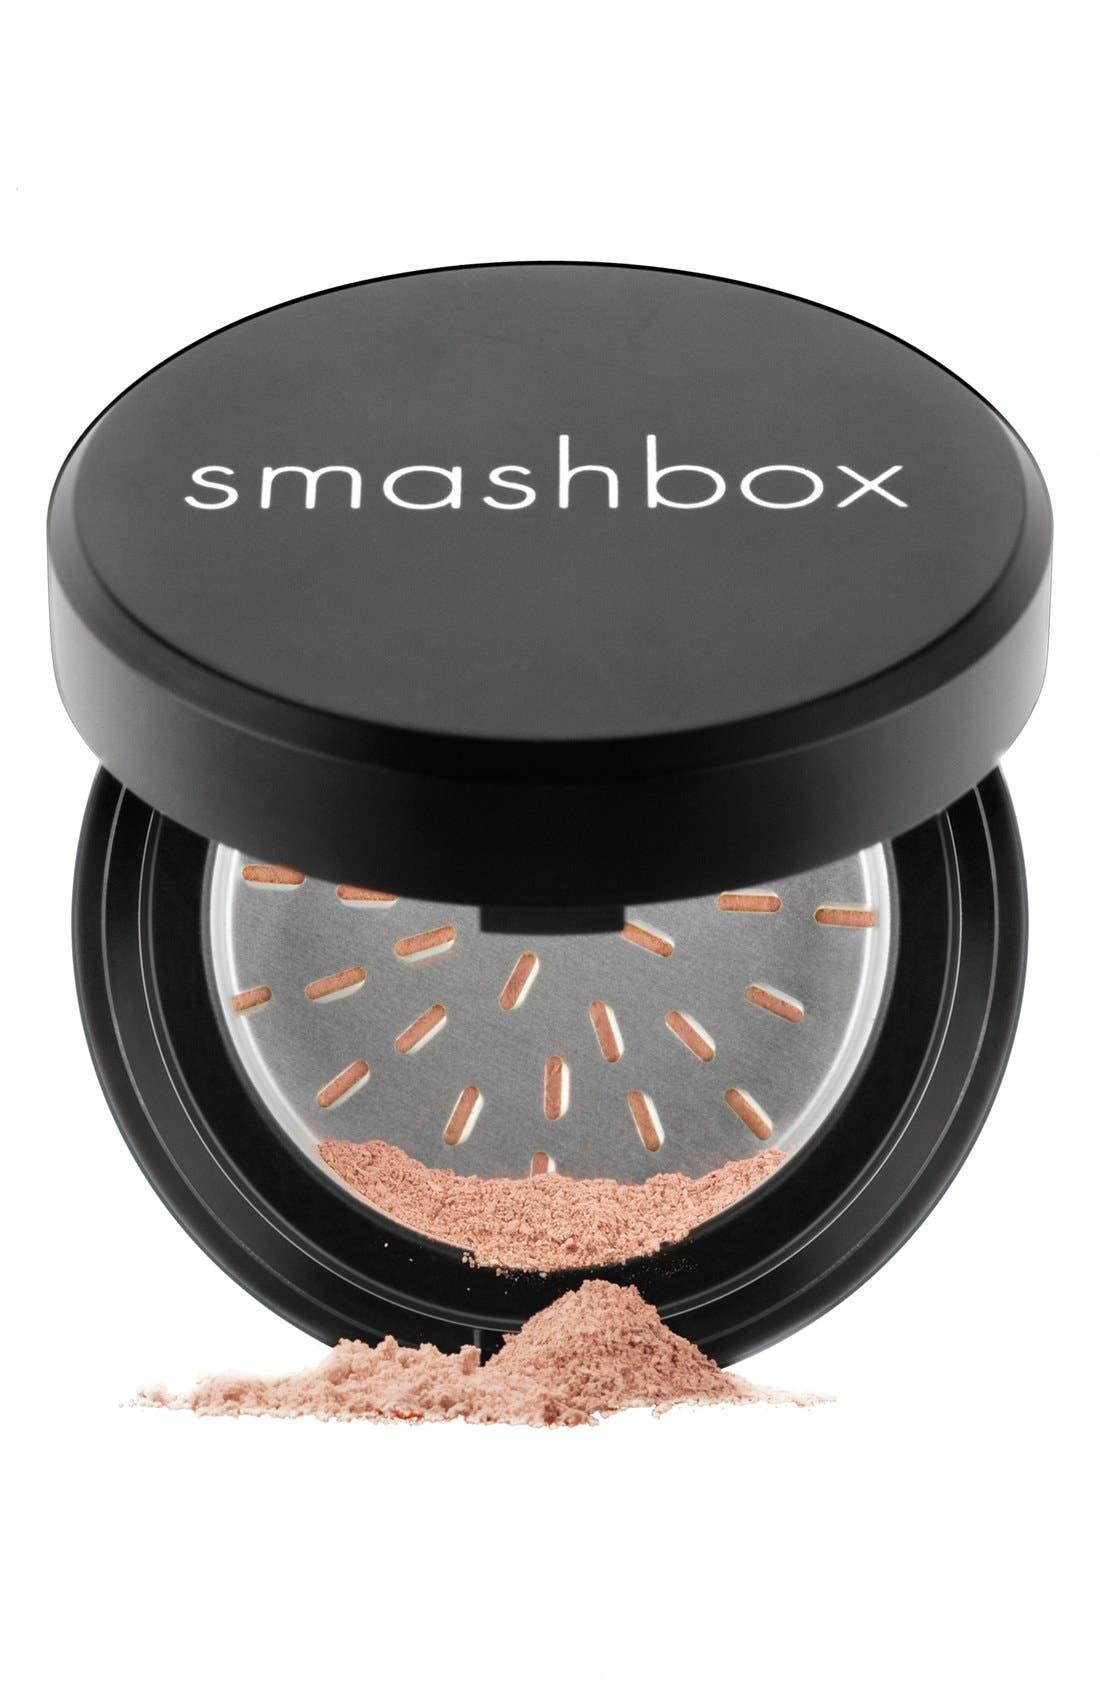 Smashbox Halo Perfecting Powder